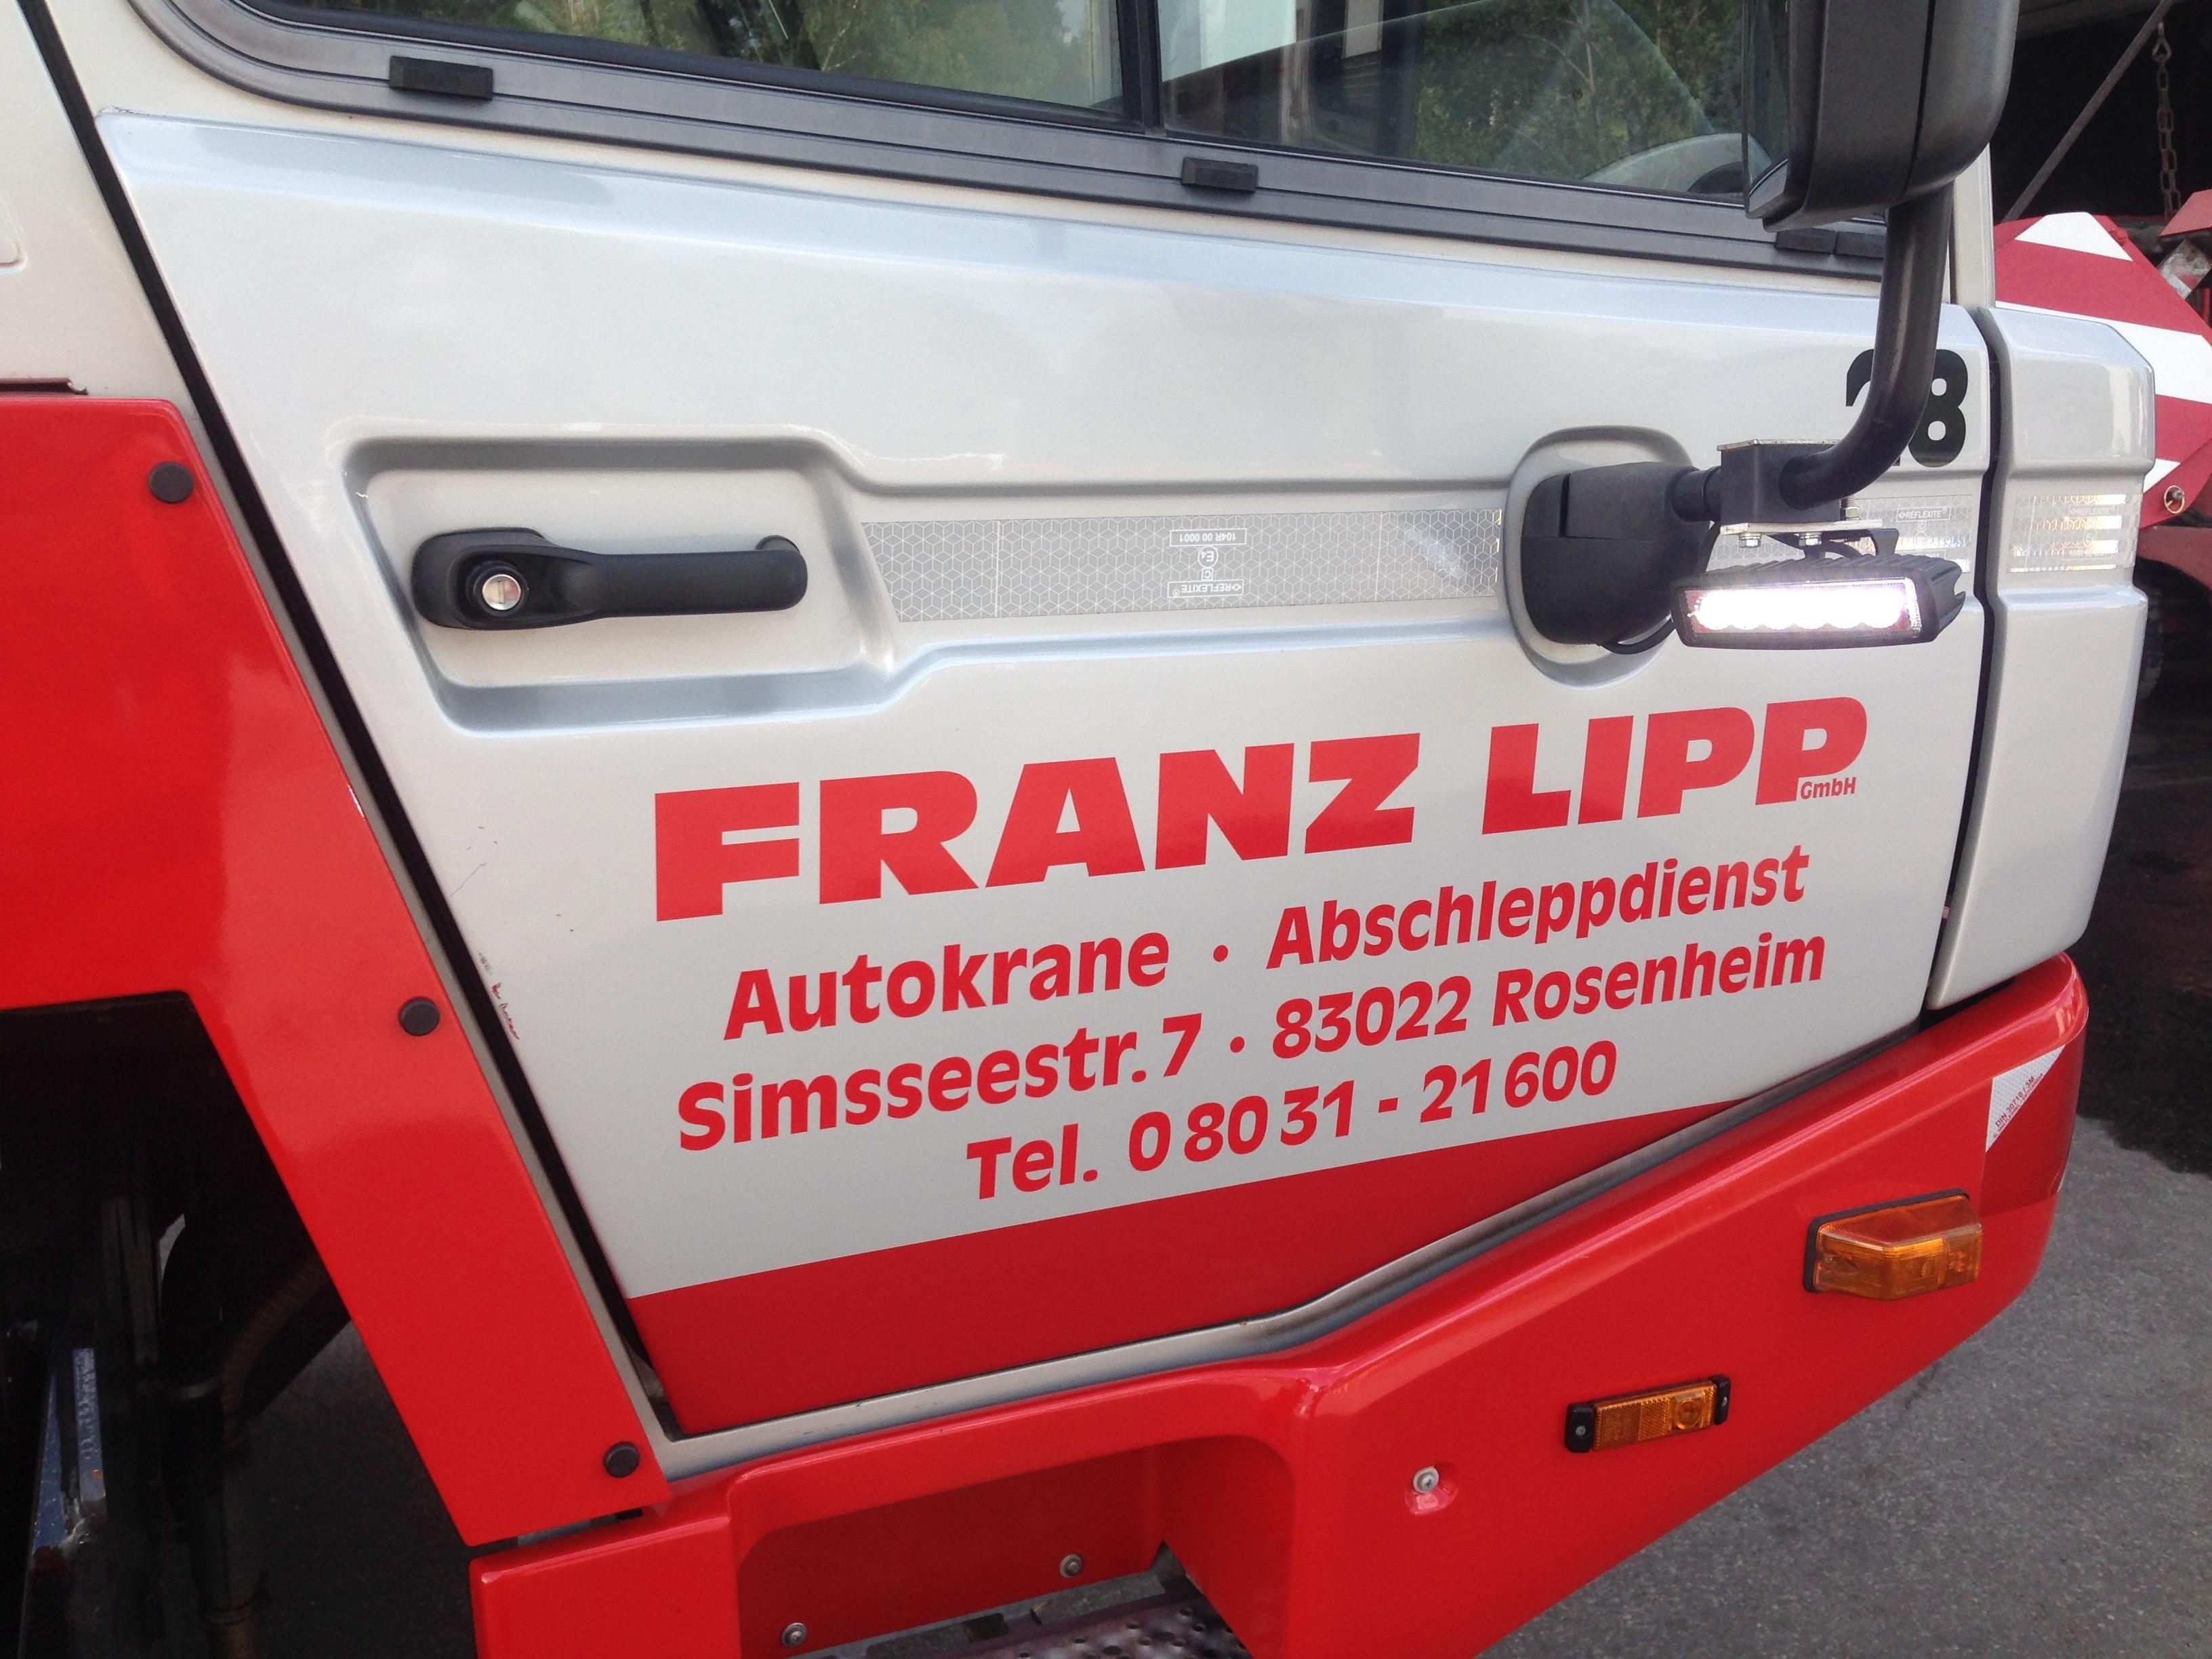 Franz Lipp Abschleppdienst - Der Sondersignal Markenshop - 911Signal ...